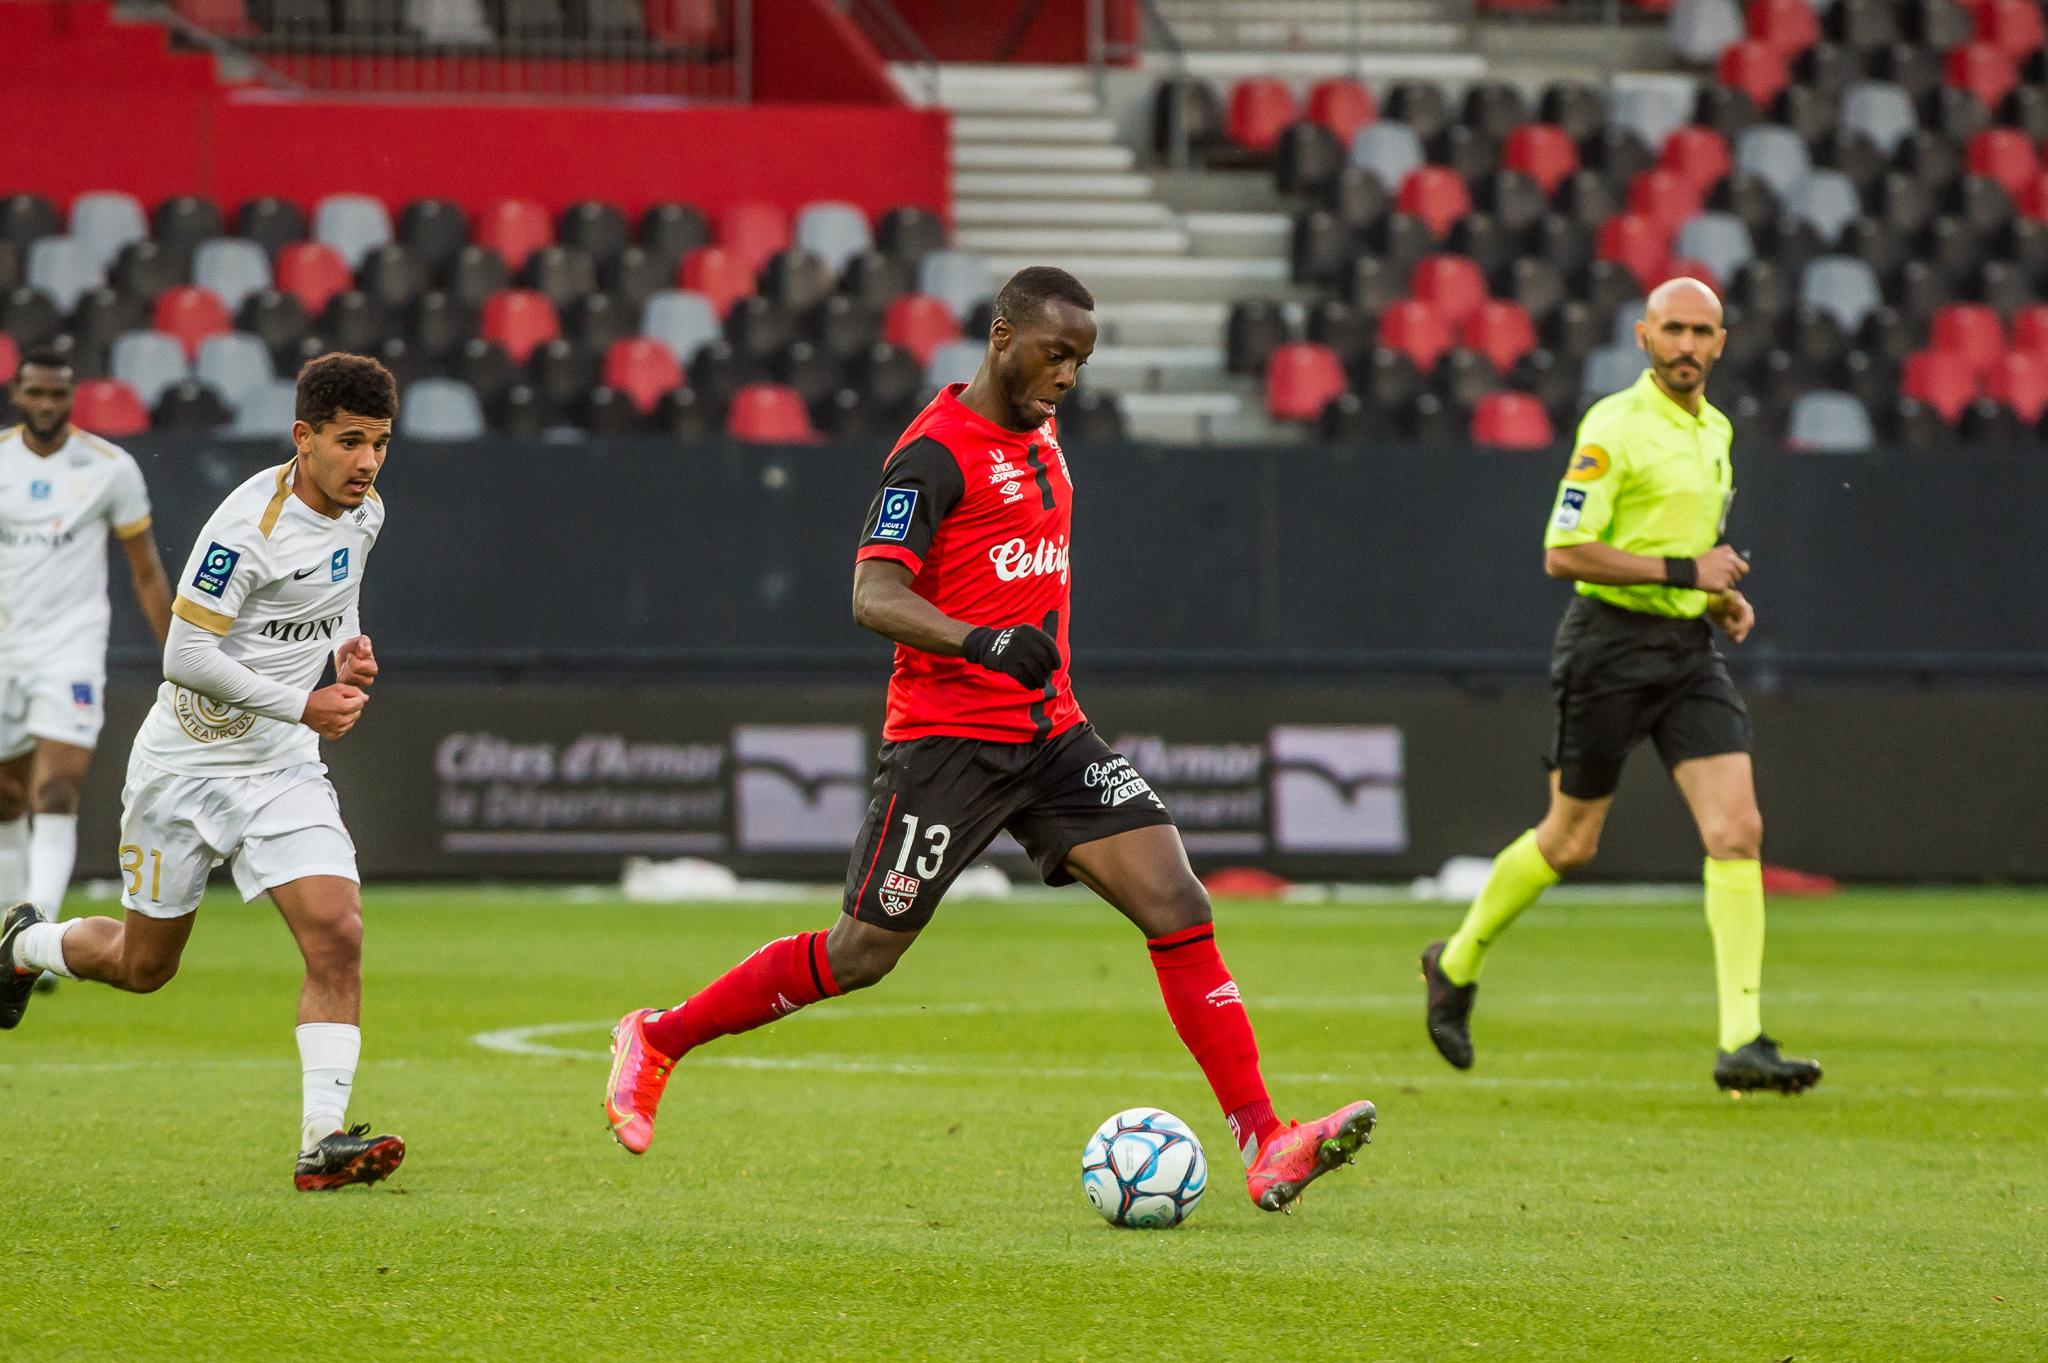 EA Guingamp La Berrichonne Châteauroux J37 Ligue 2 BKT EAGLBC 2-0 Stade de Roudourou FRA_5574